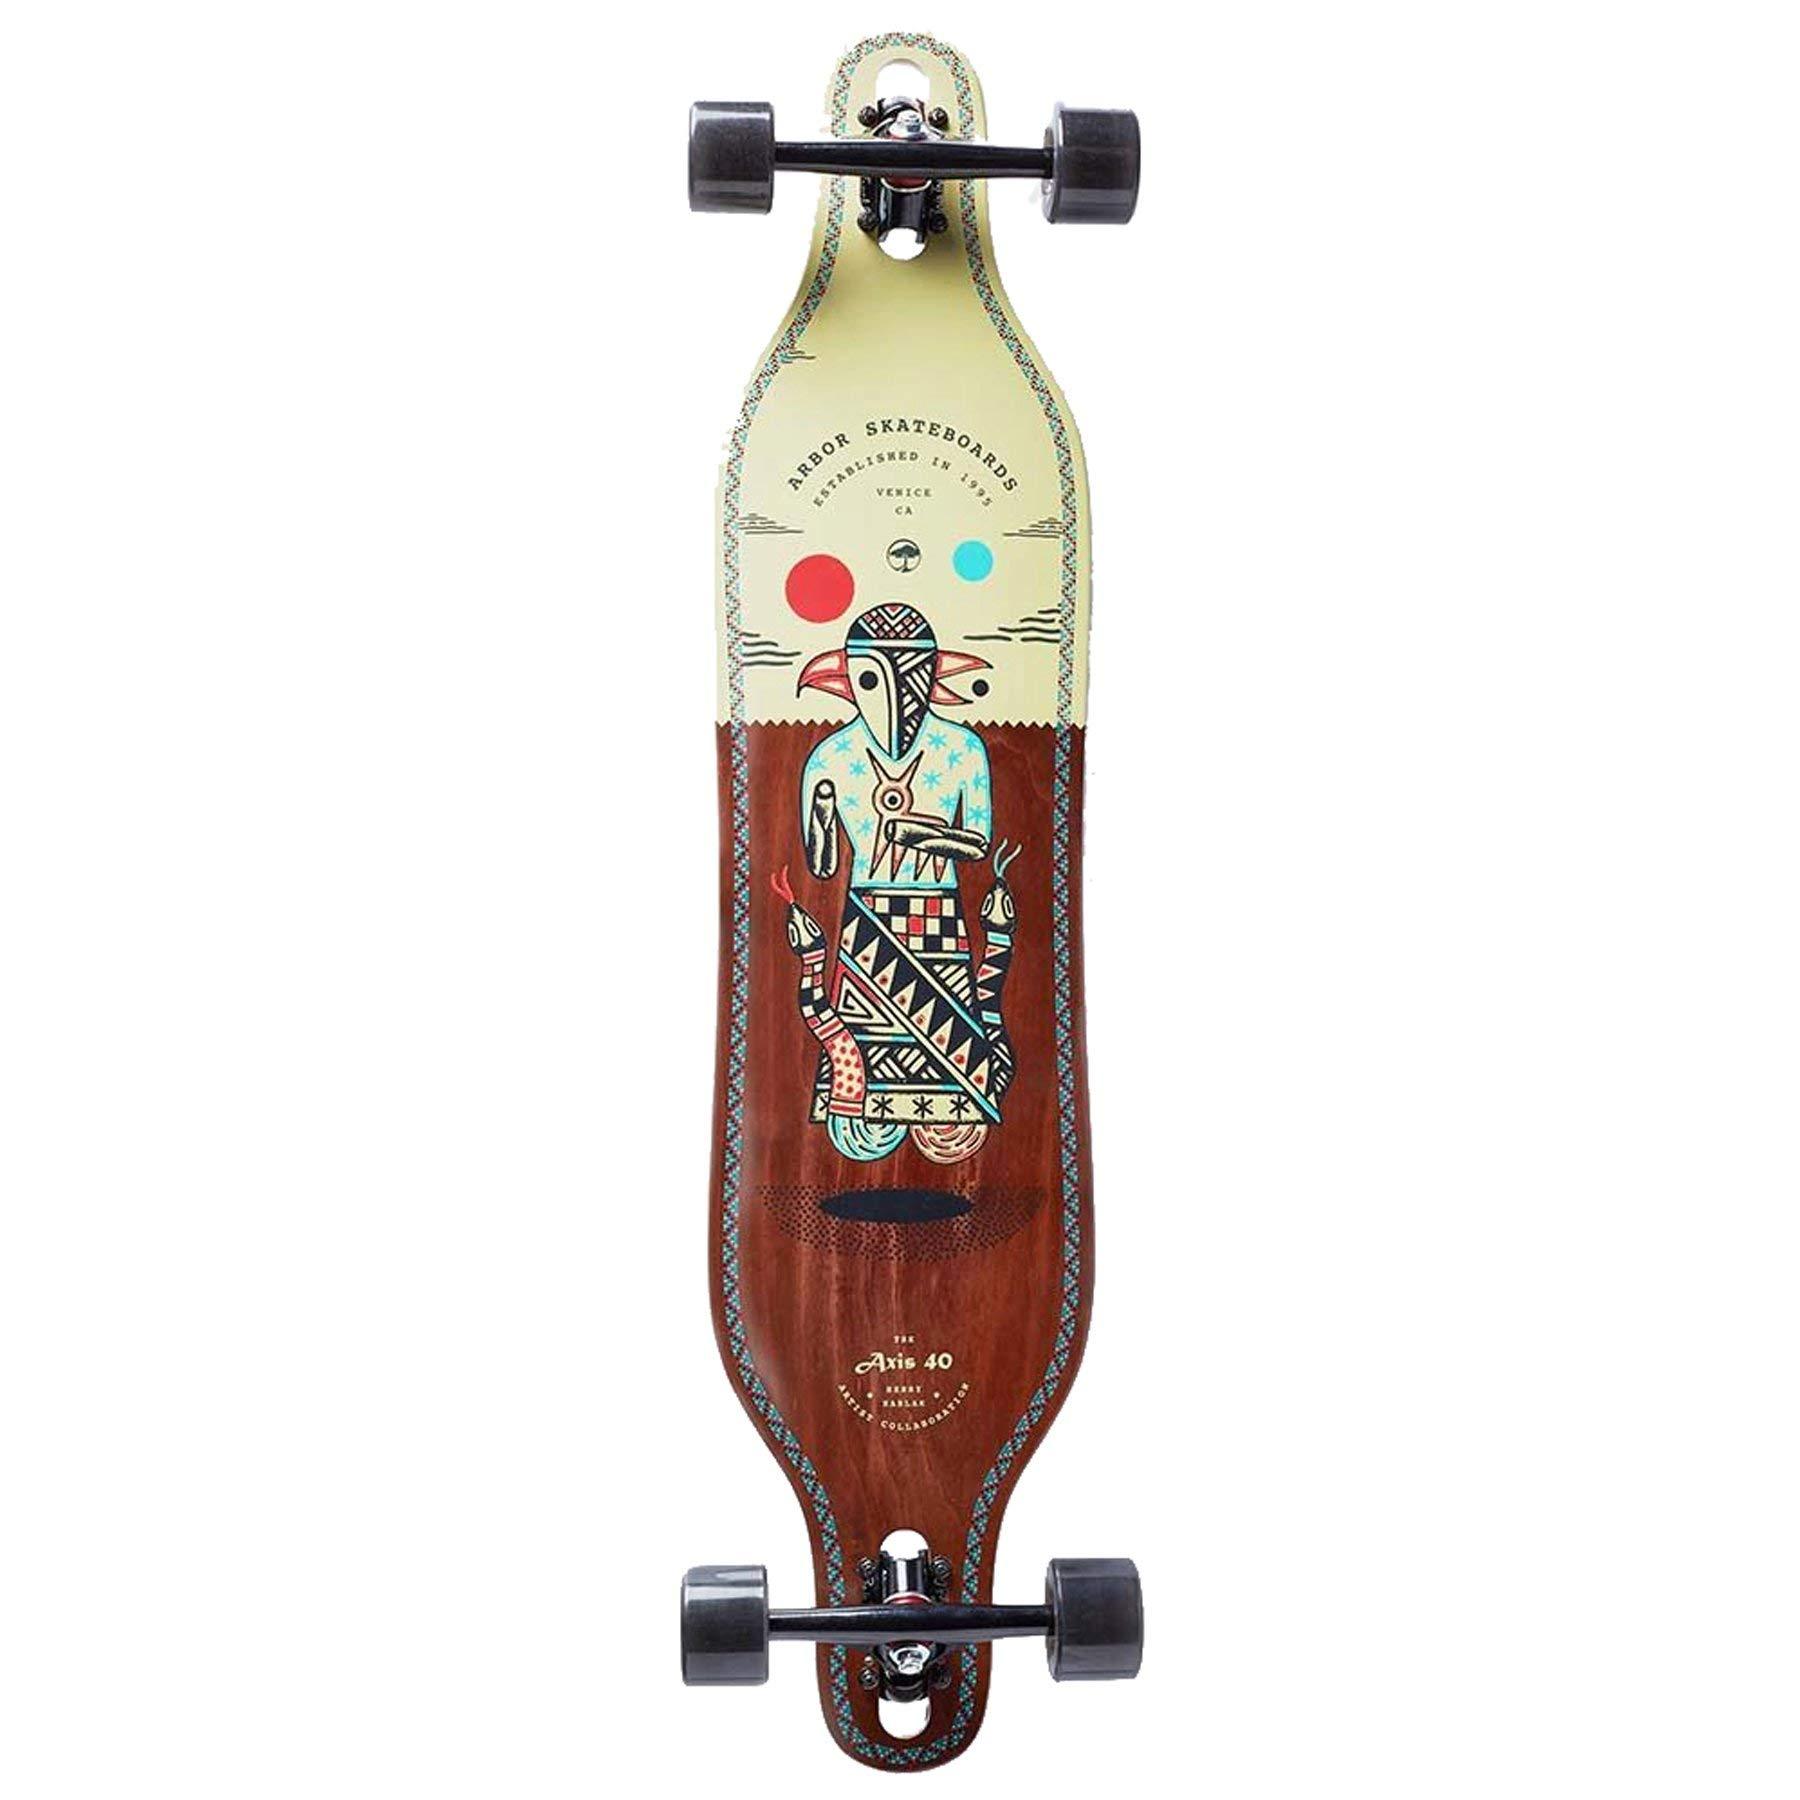 Arbor Skateboard Axis Artist Hablak